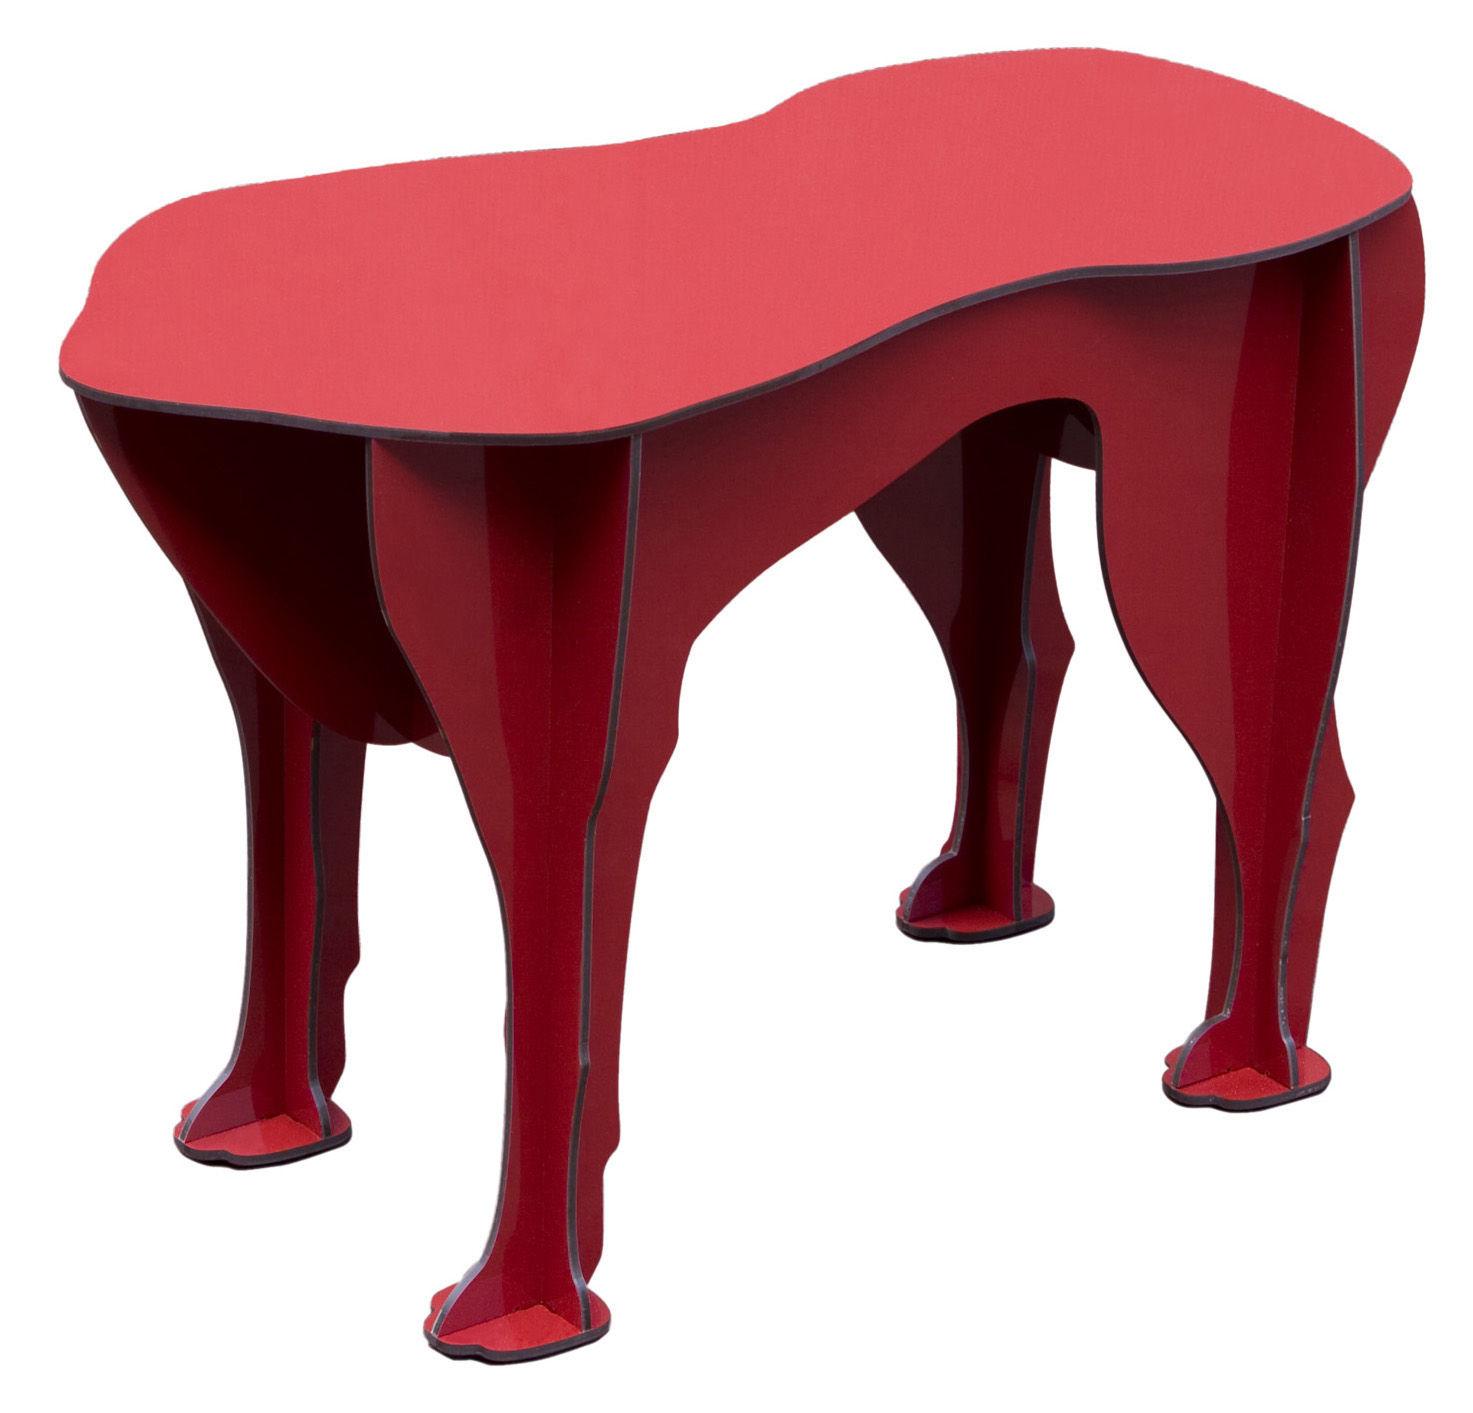 Arredamento - Tavolini  - Sgabello Sultan di Ibride - Rosso lucido - Stratificato compatto